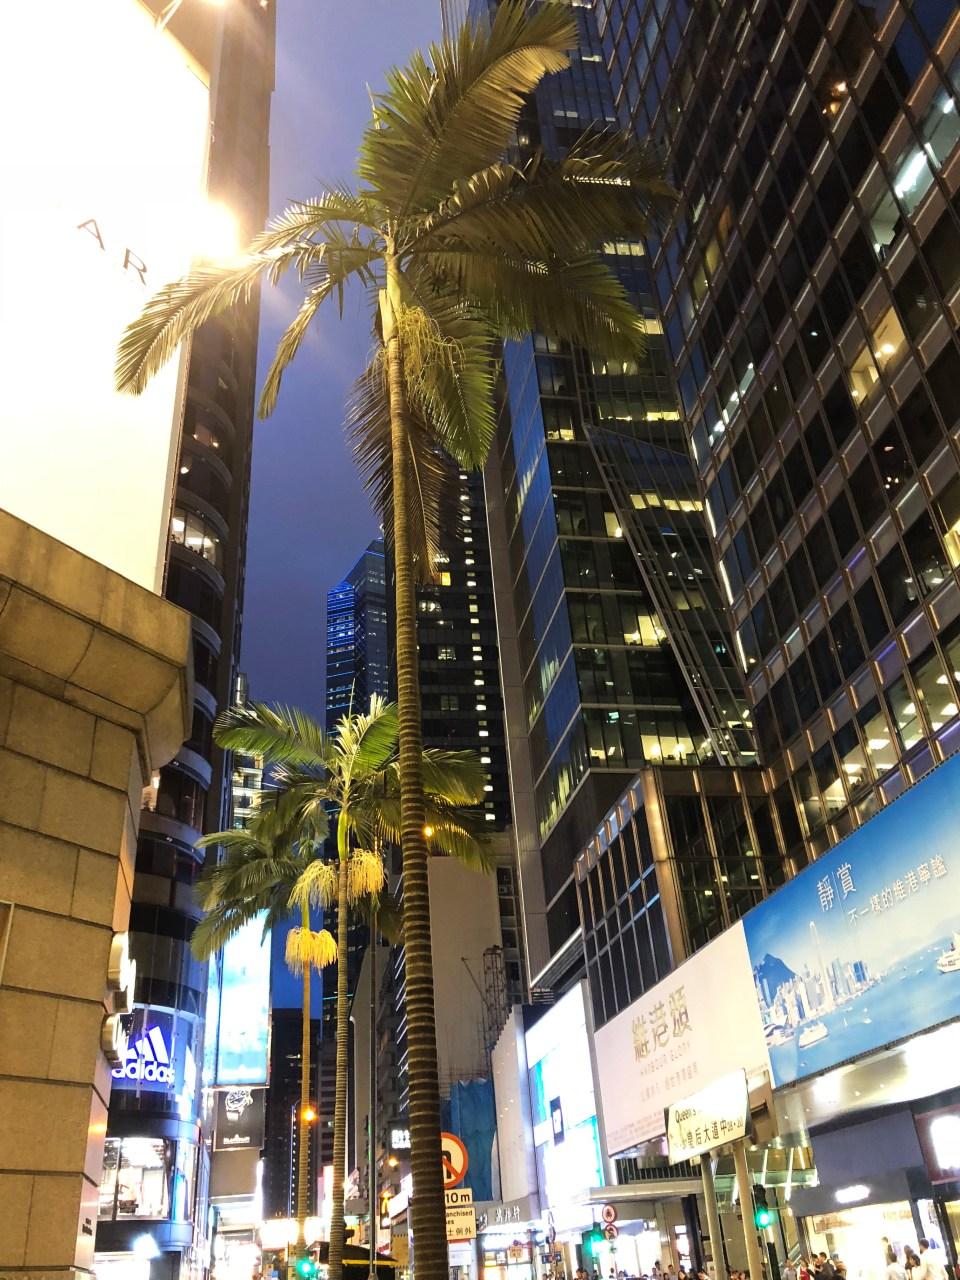 Hong Kong - Central at night 5